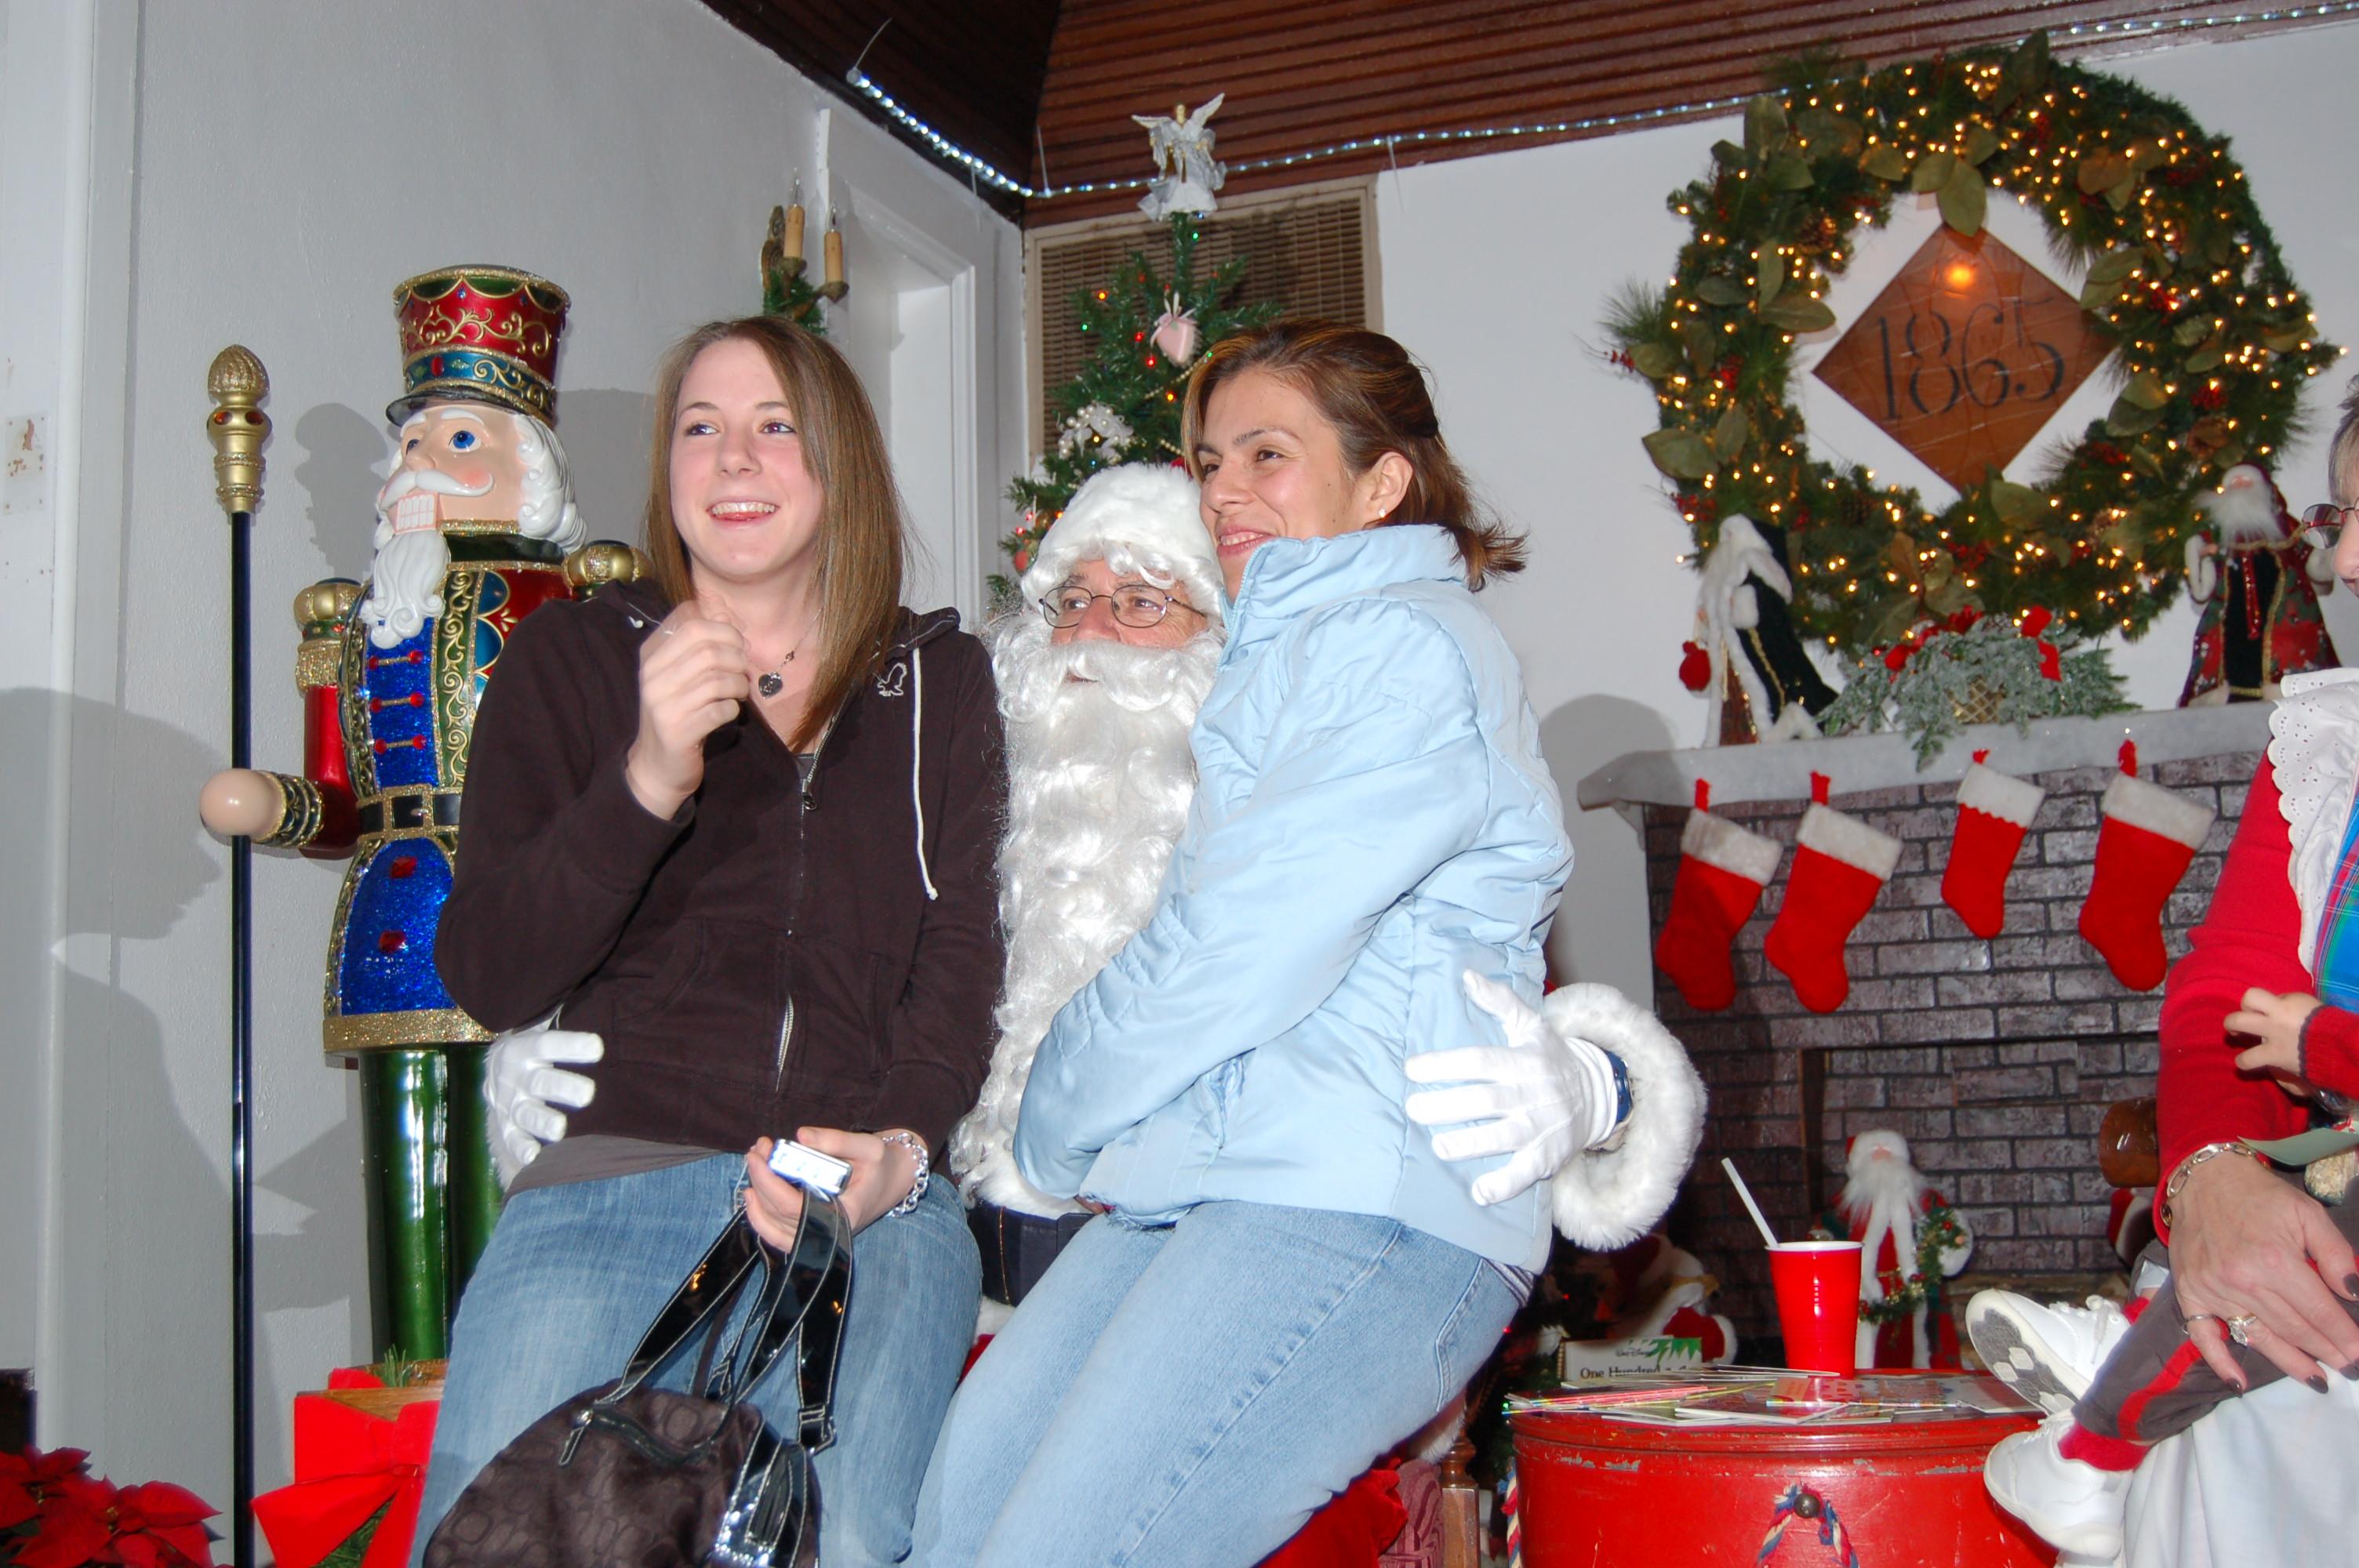 LolliPop+Lane+12-12-2008+Picture+035.jpg